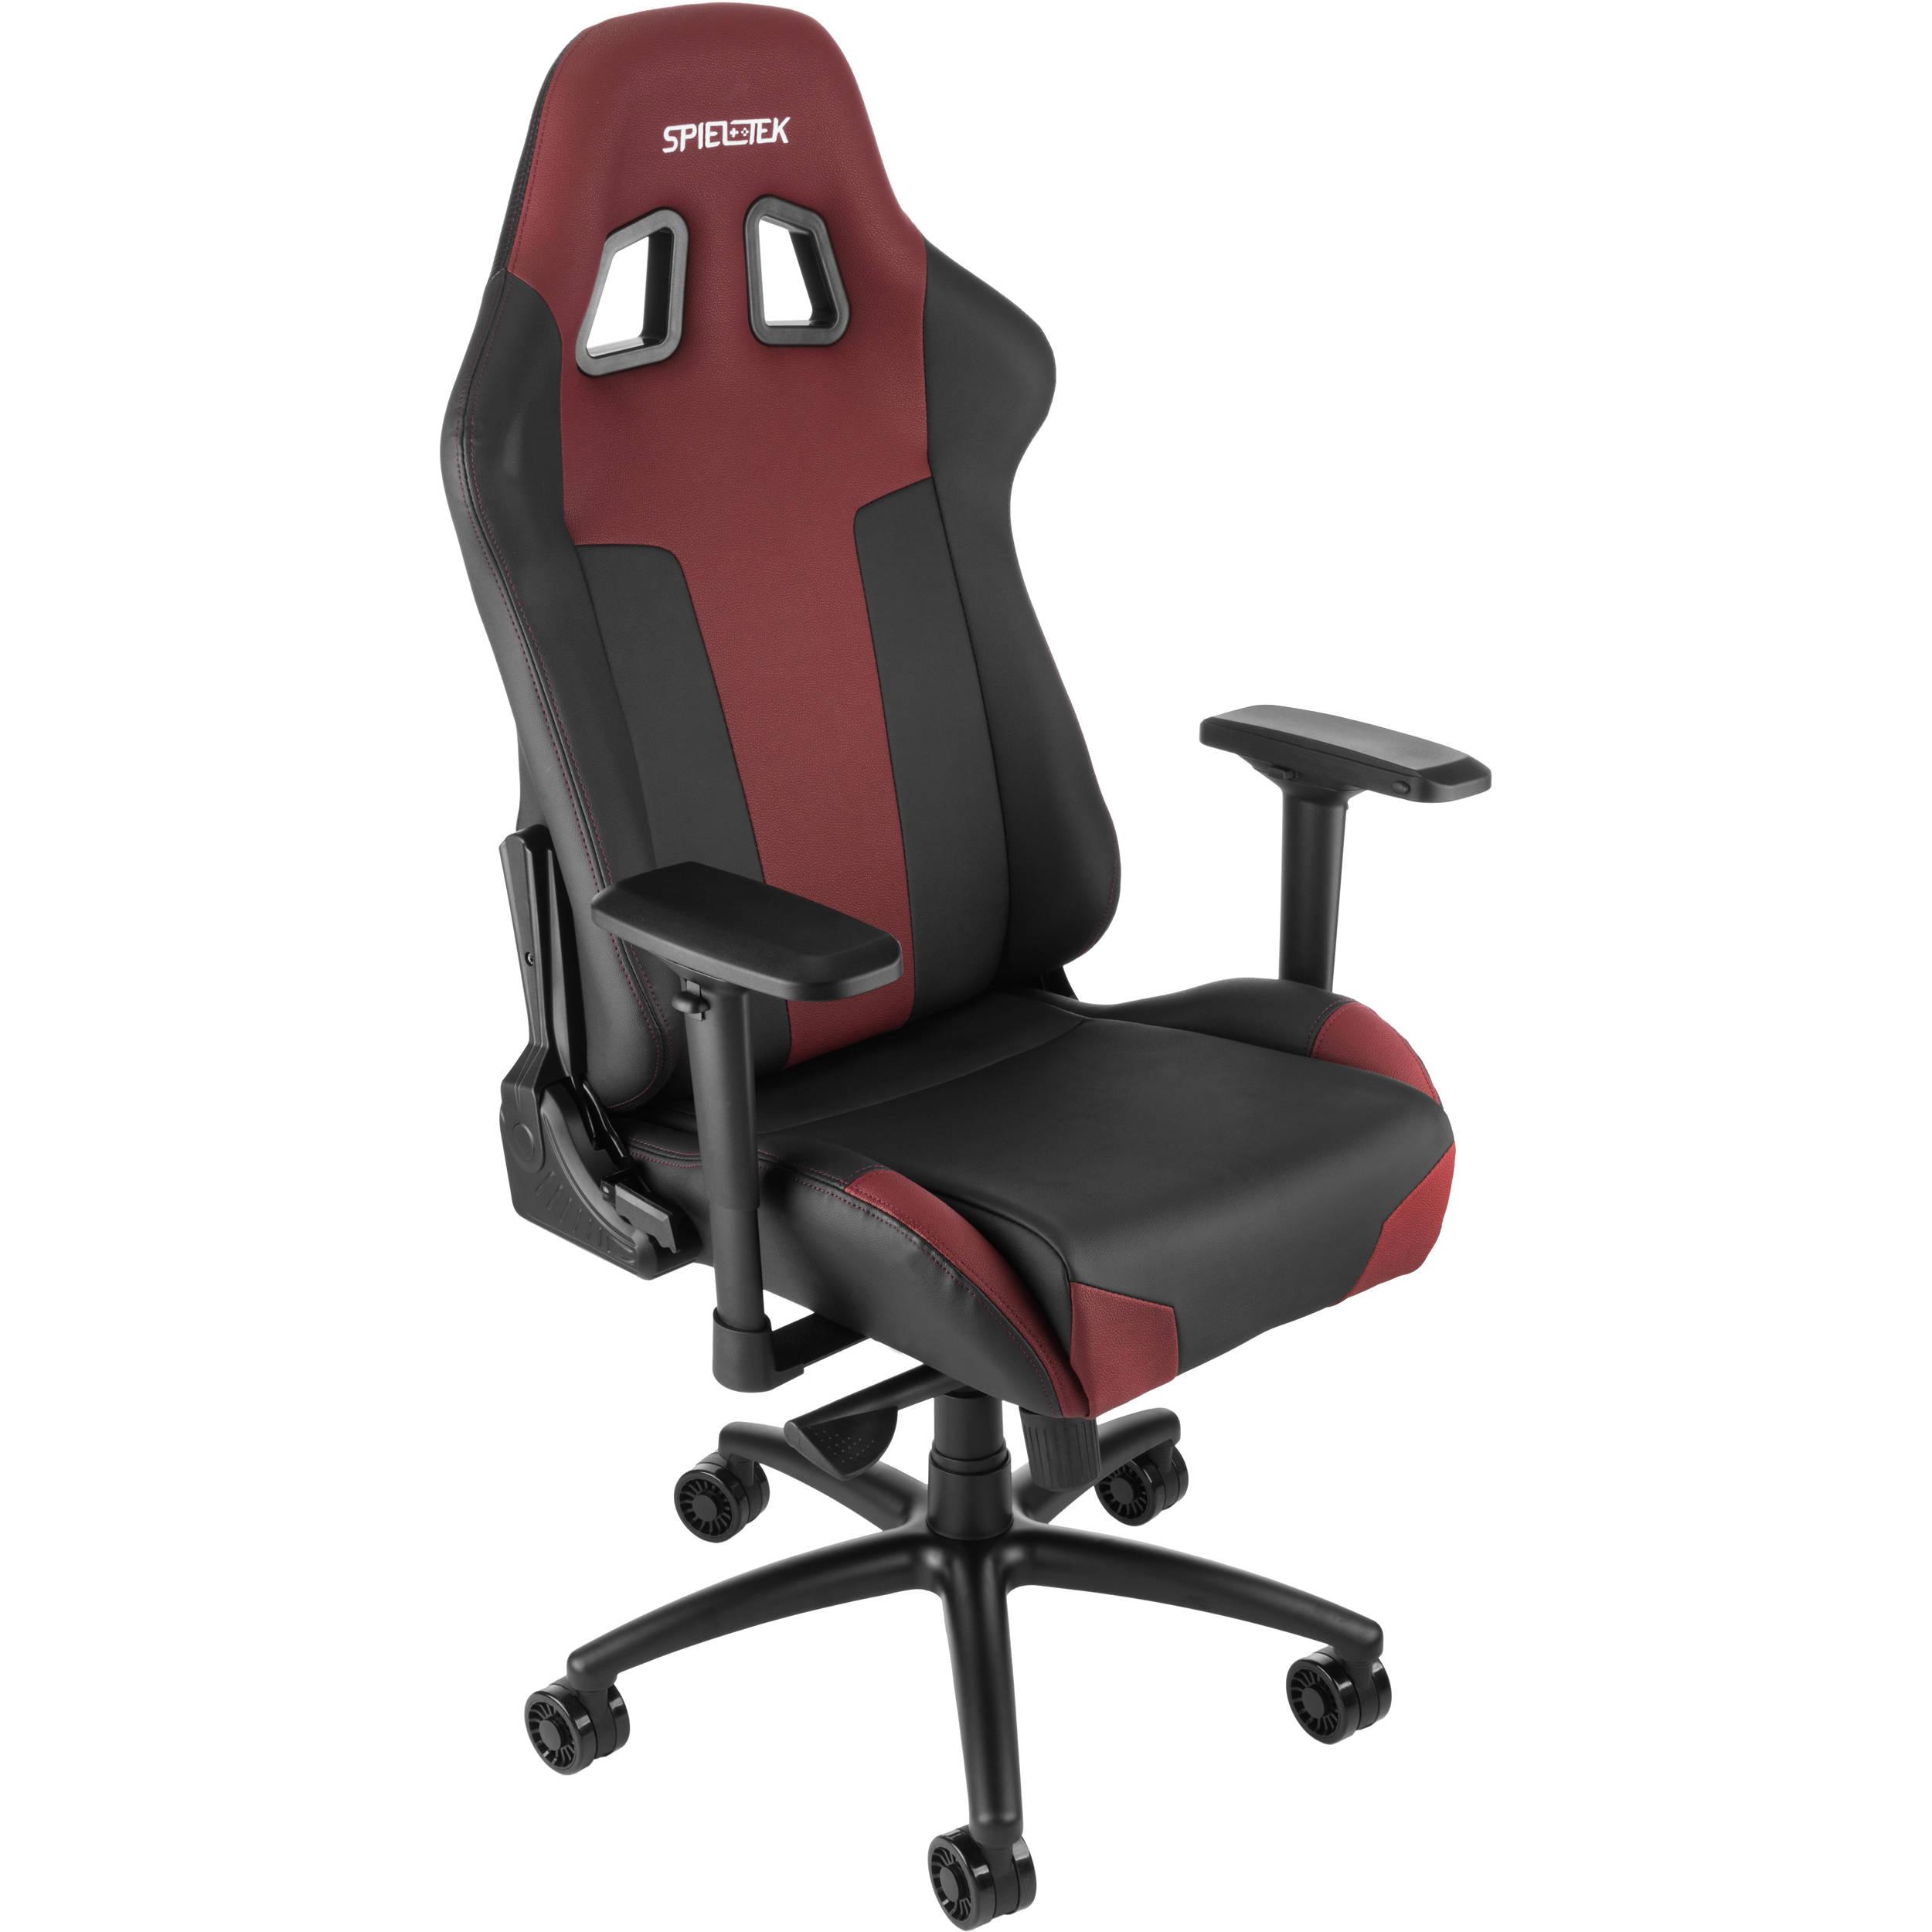 Groovy Spieltek Bandit Xl Gaming Chair V2 Black Maroon Frankydiablos Diy Chair Ideas Frankydiabloscom